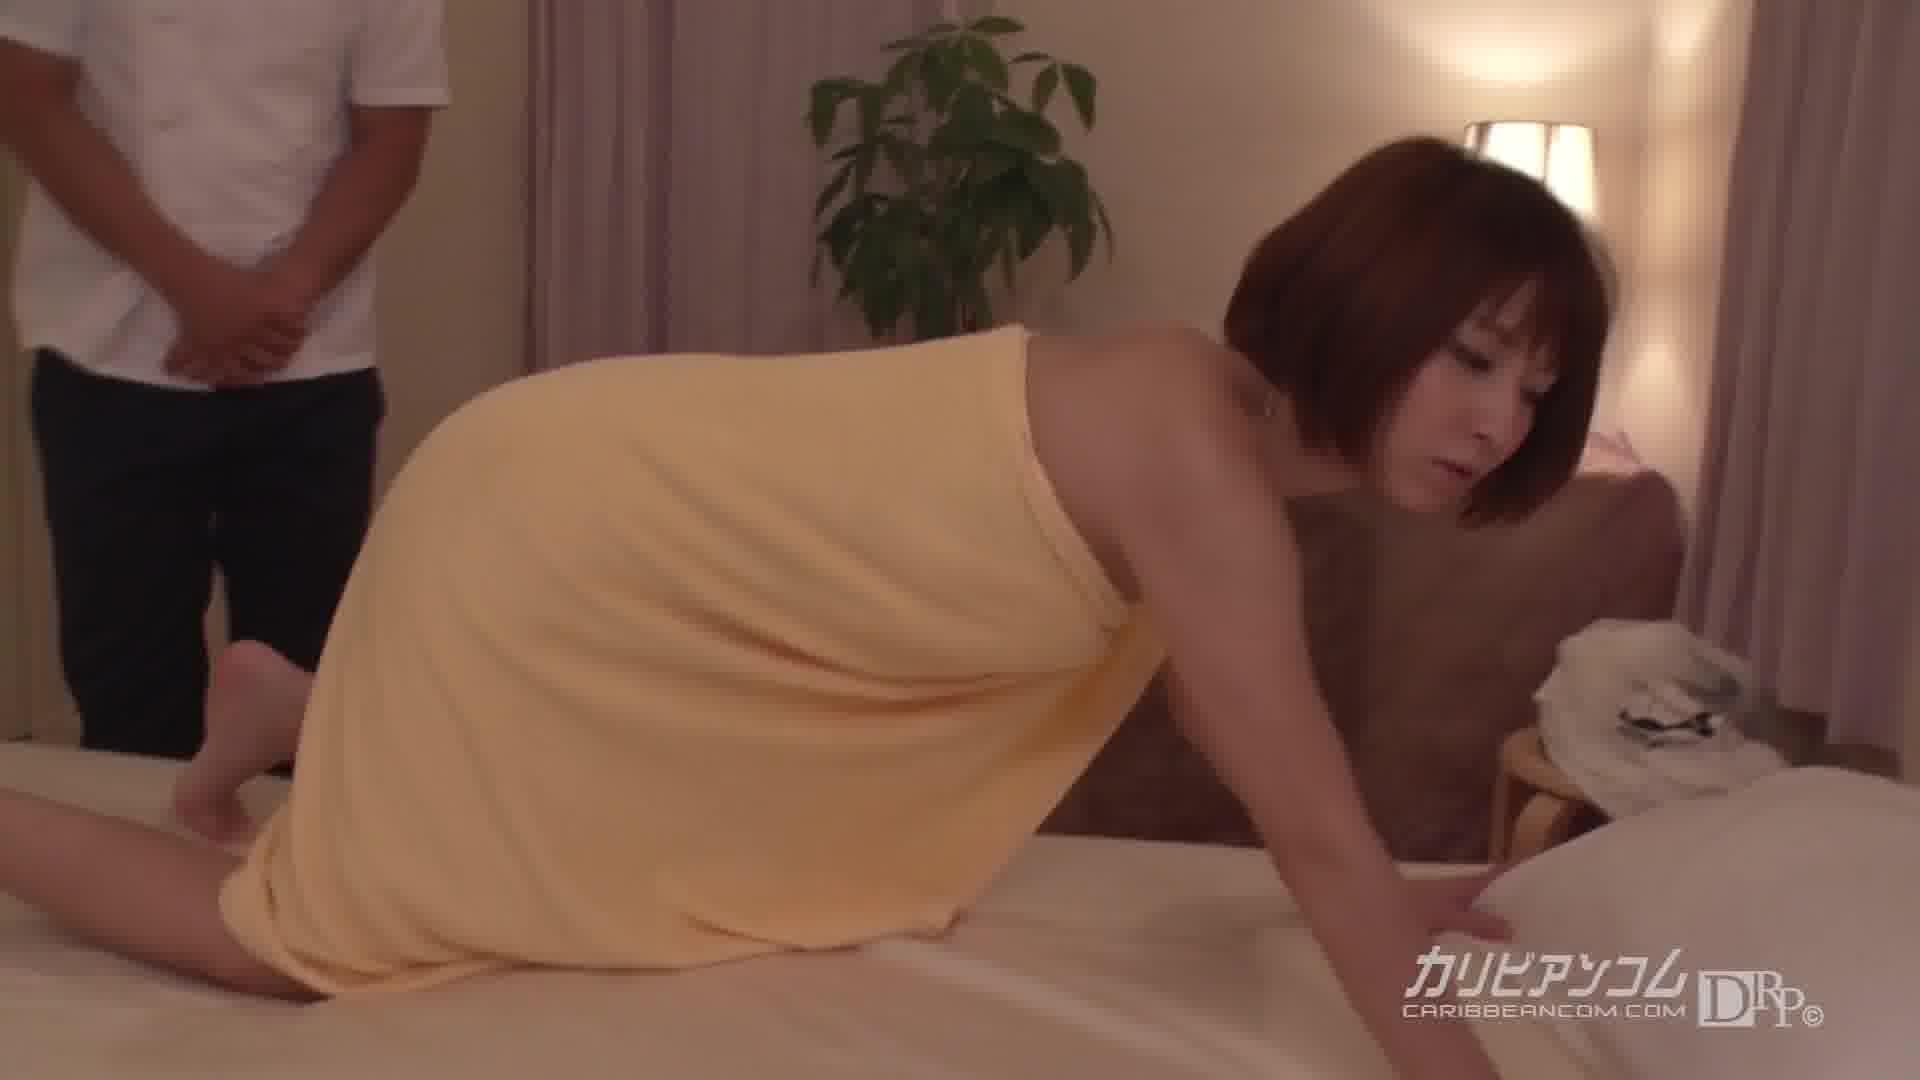 極上セレブ婦人 Vol.10 - 水樹りさ【バイブ・美尻・中出し】